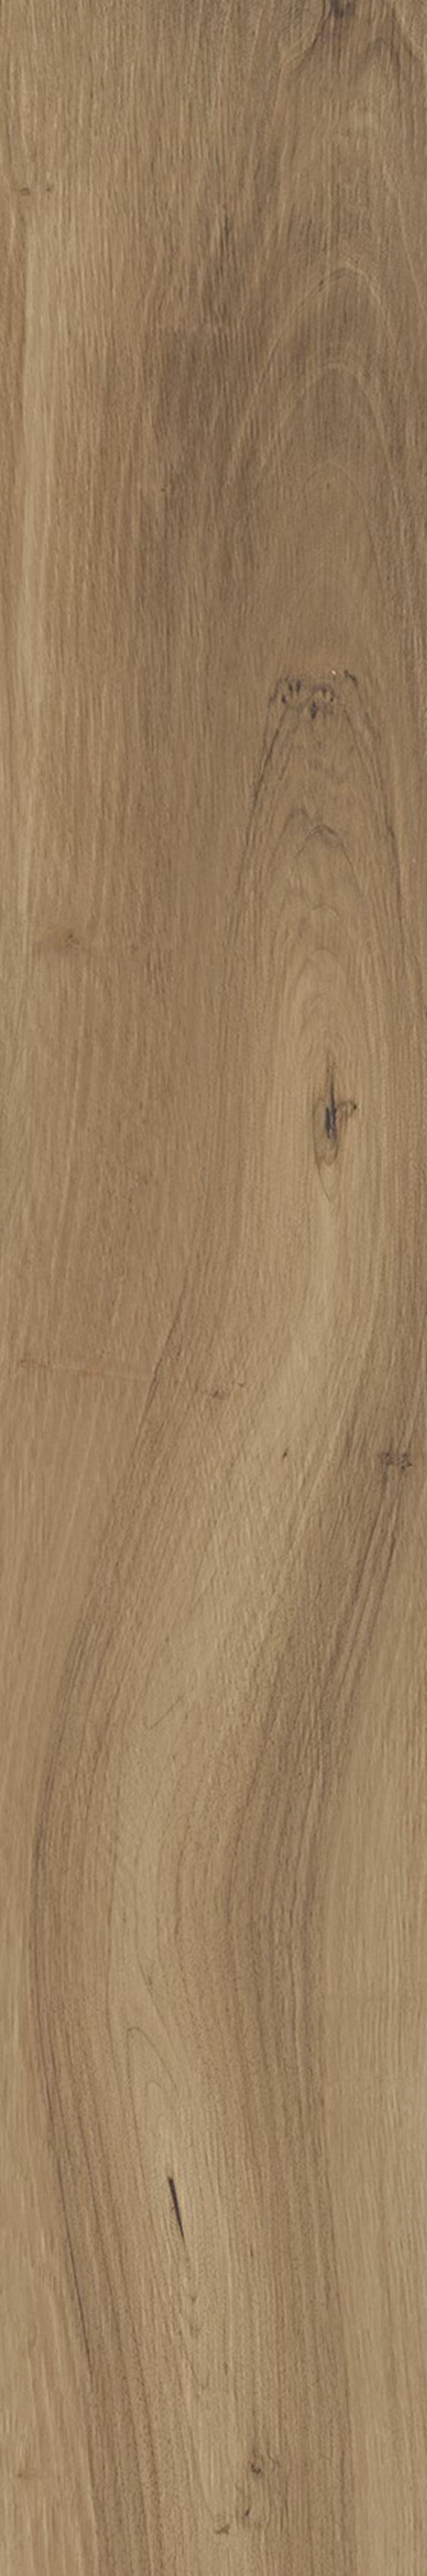 Płytka uniwersalna 19,8x119,8 cm Cersanit Devonwood brown